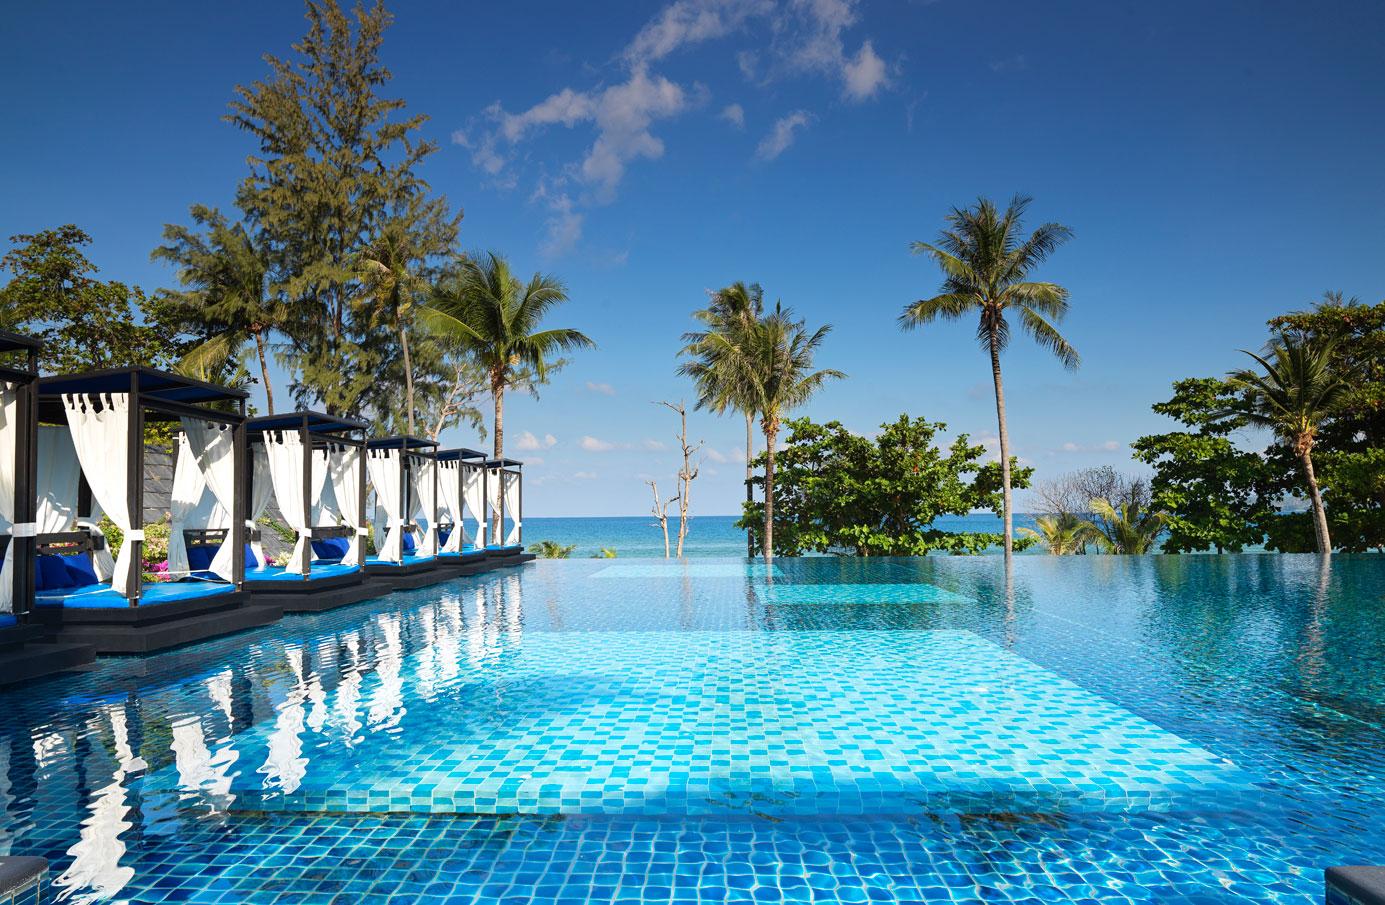 004—Hyatt-Regency-Phuket-Resort—Oceanfront-Infinity-Pool